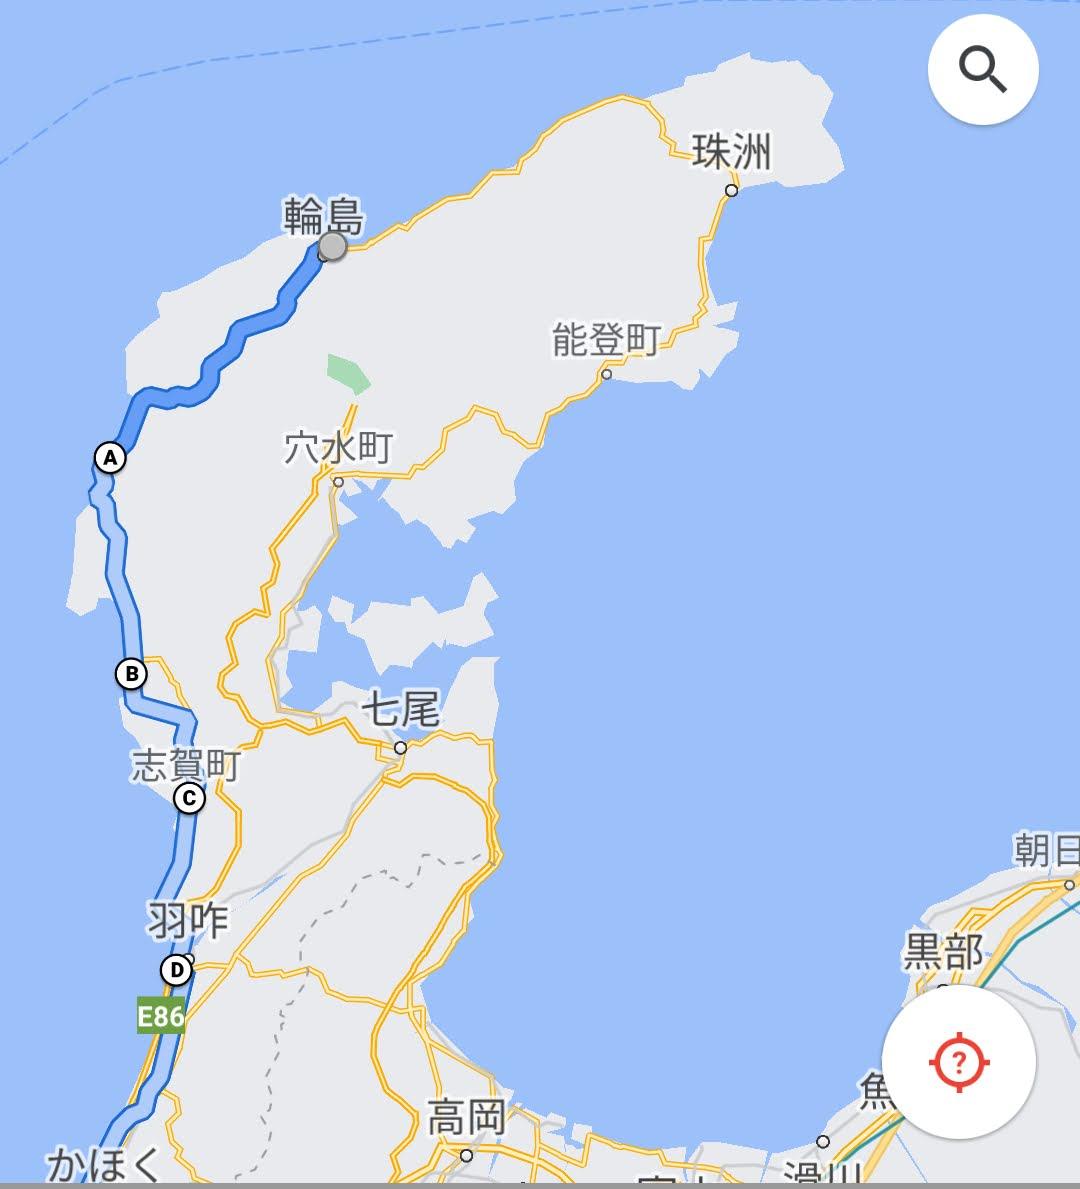 f:id:otoyan191:20210513133808j:plain